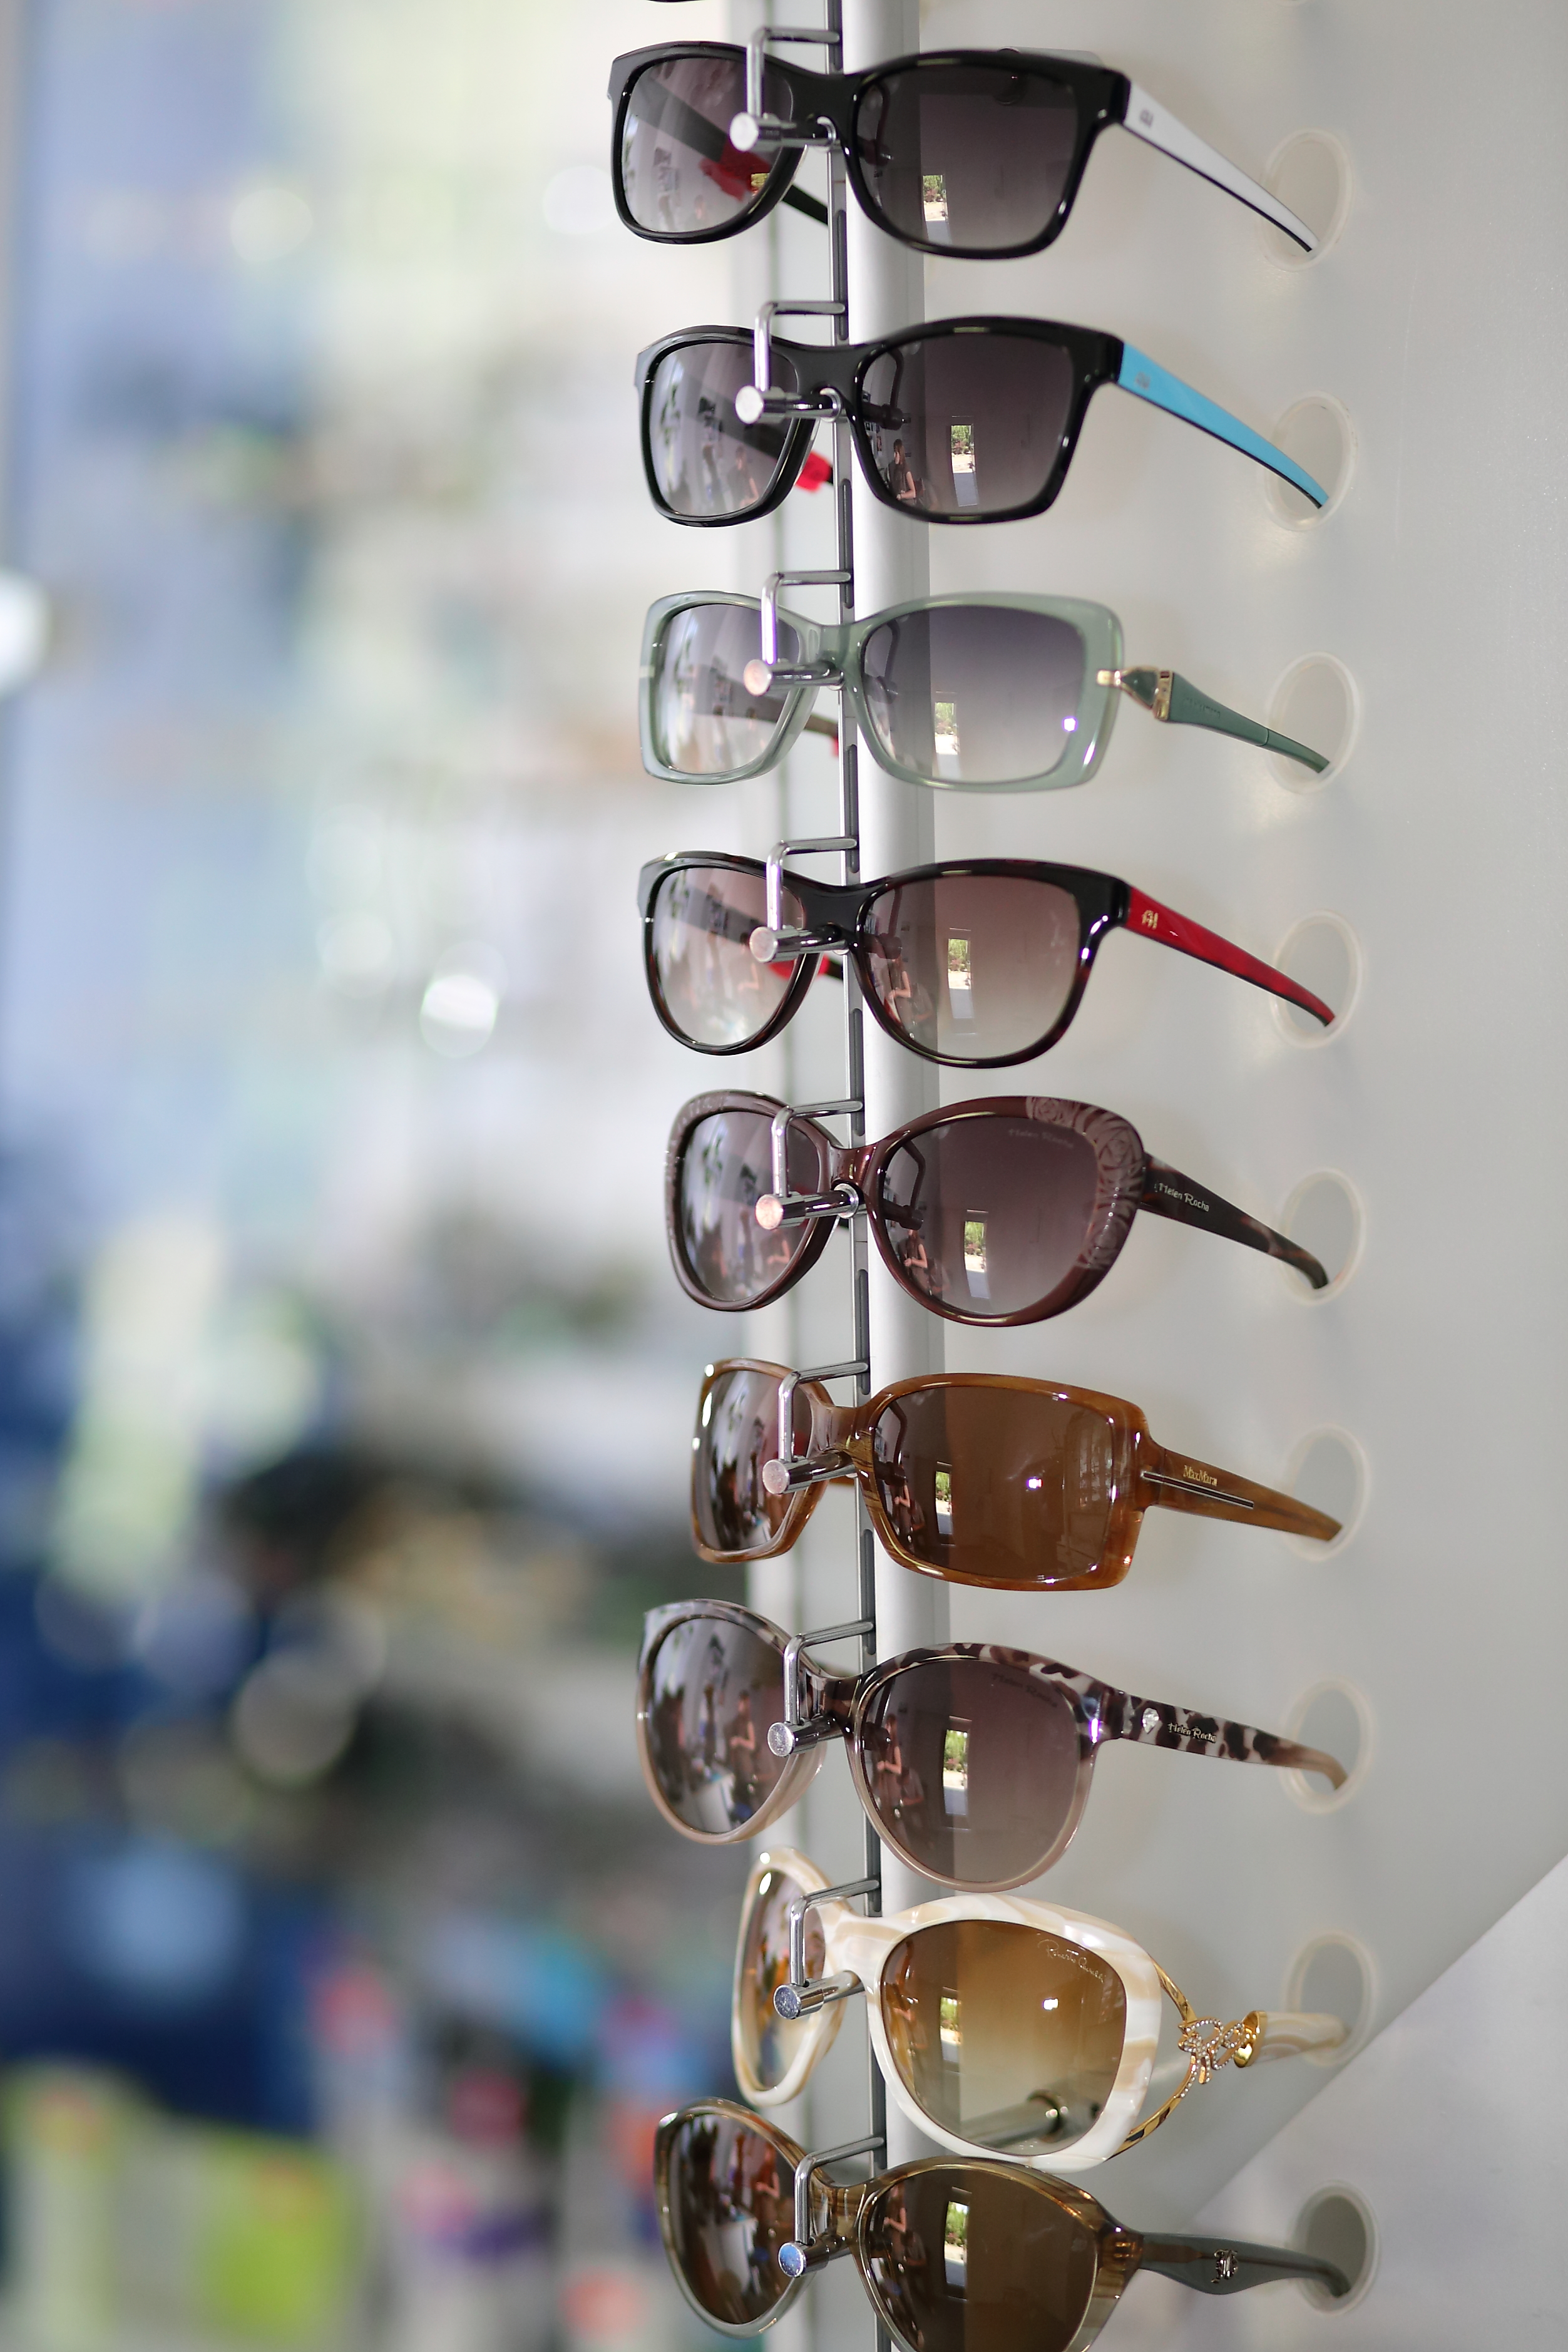 Нова колекція сонцезахисних окулярів - Корпоративні фото ... 5e81c0790cd11